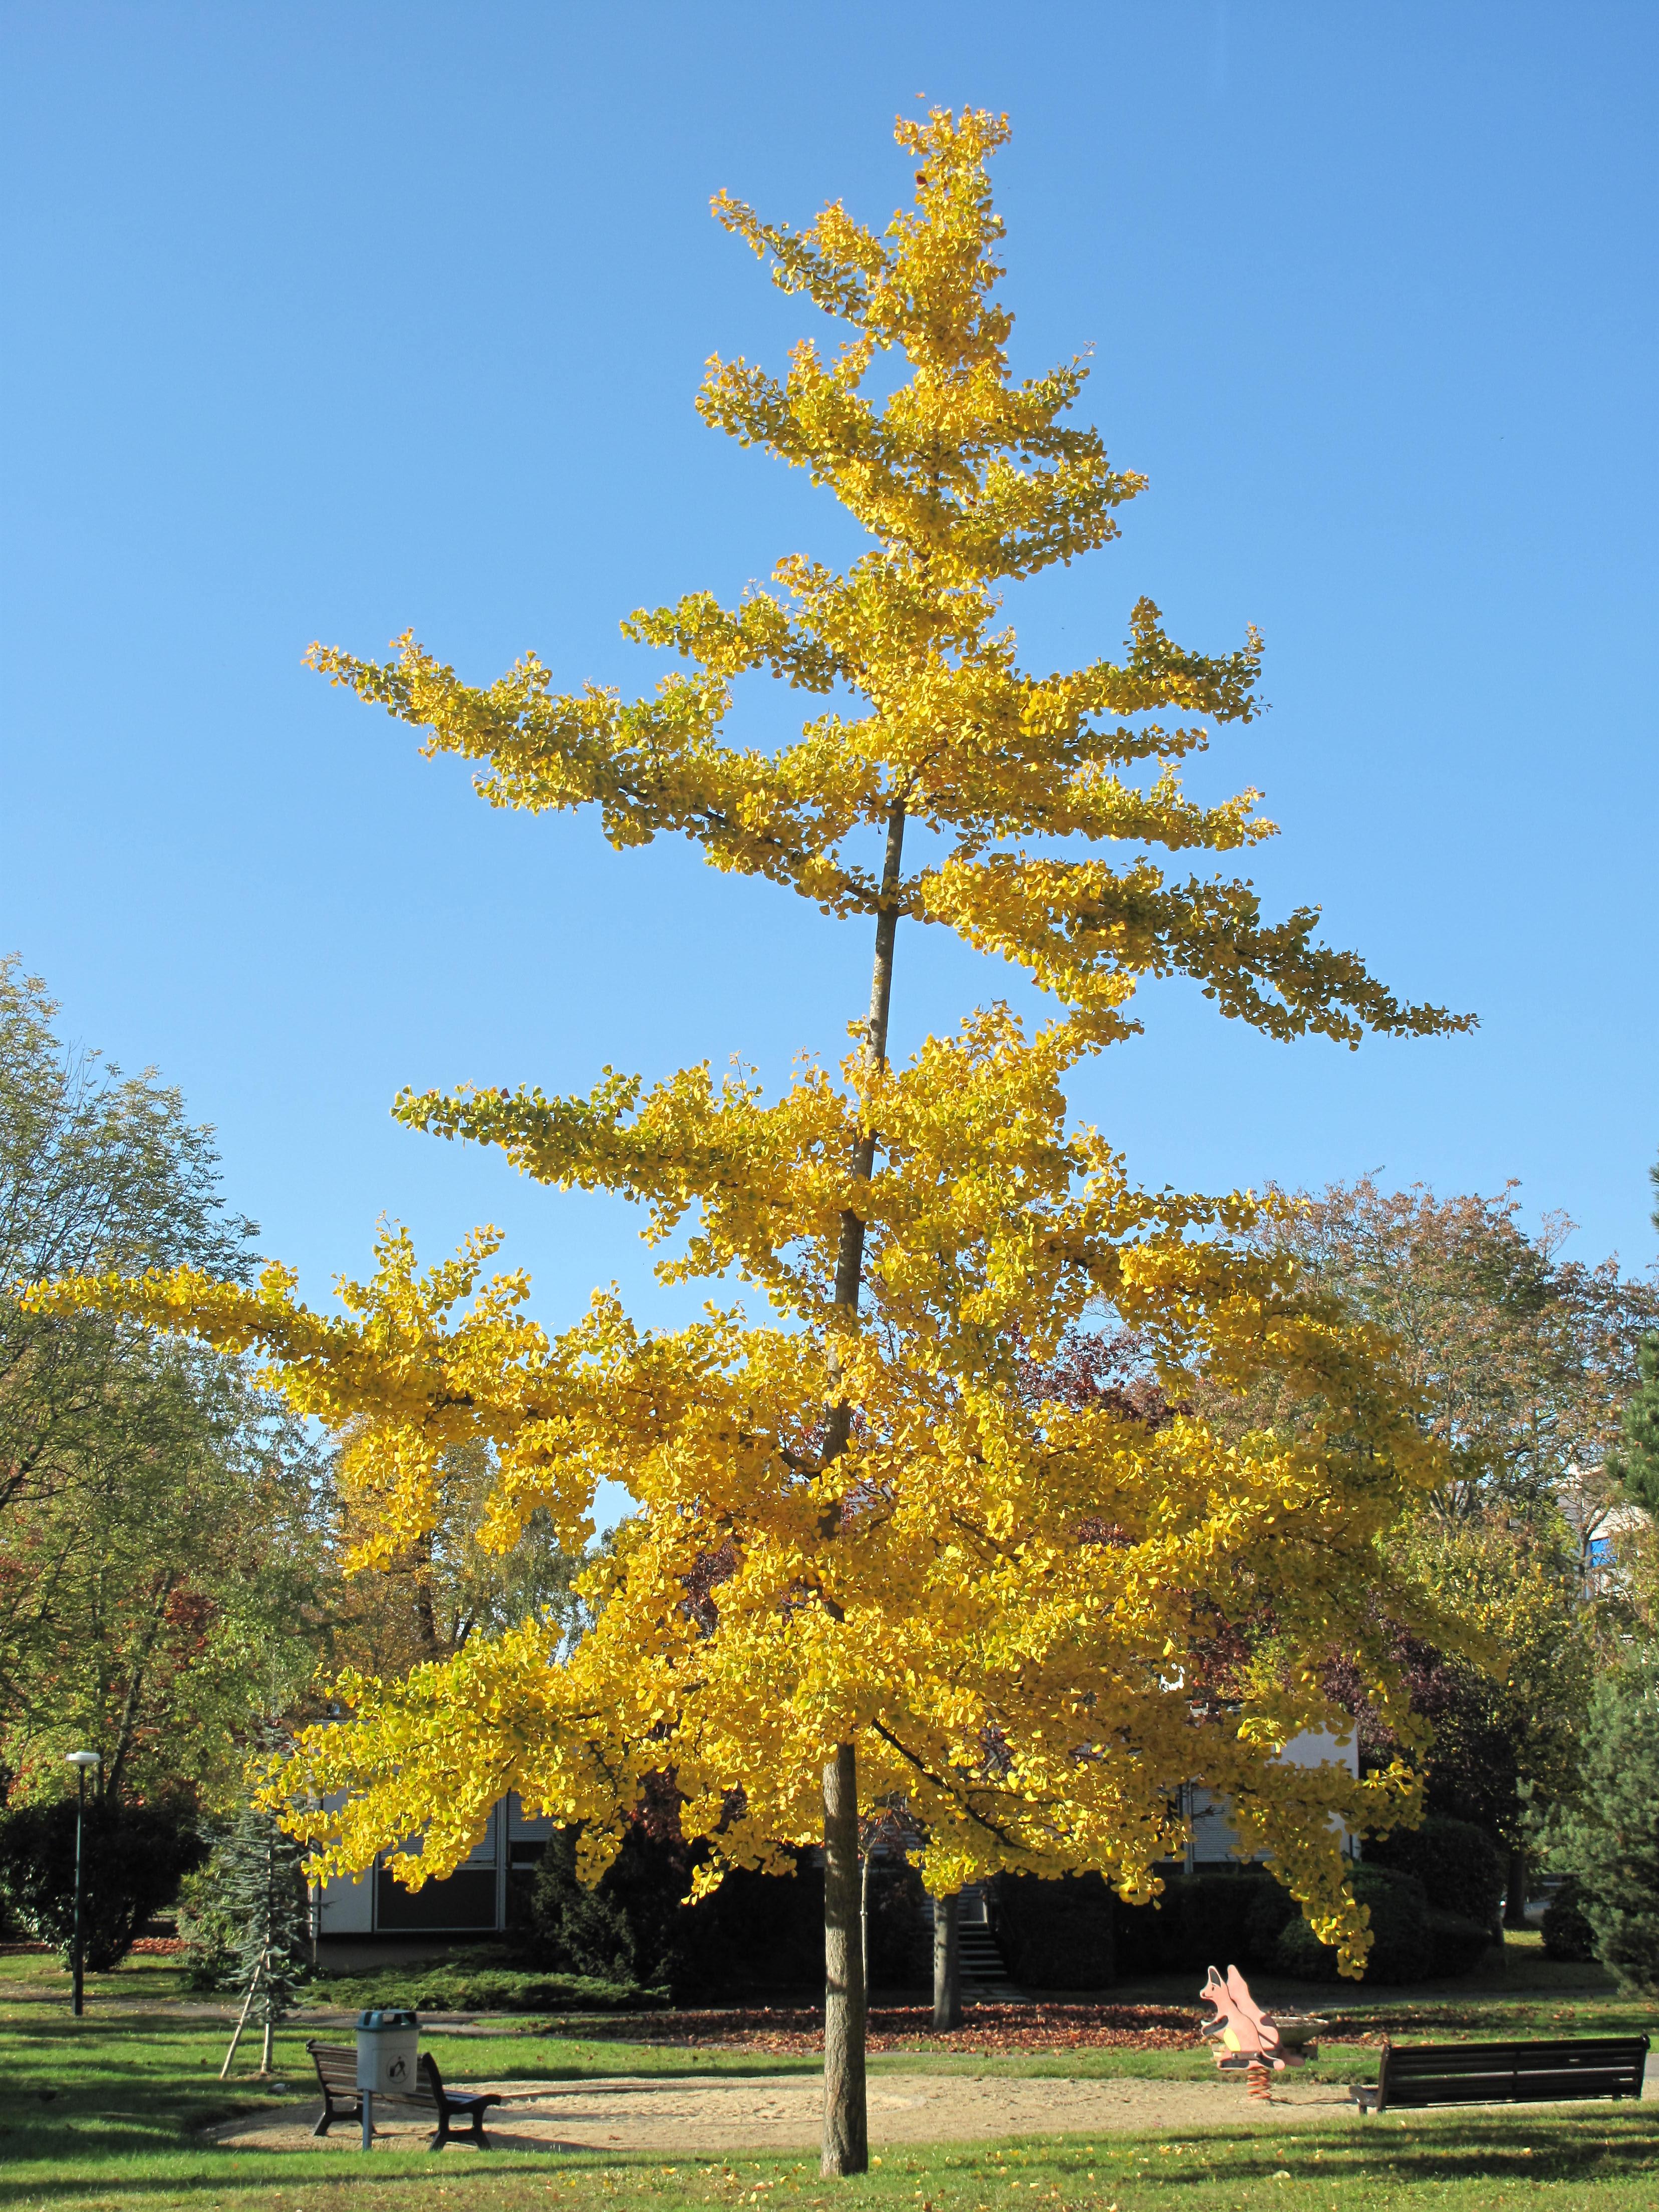 Ginkgo joven, en el parque Aulnay, Vaires-sur-Marne (Francia). /Imagen: Wikipedia.